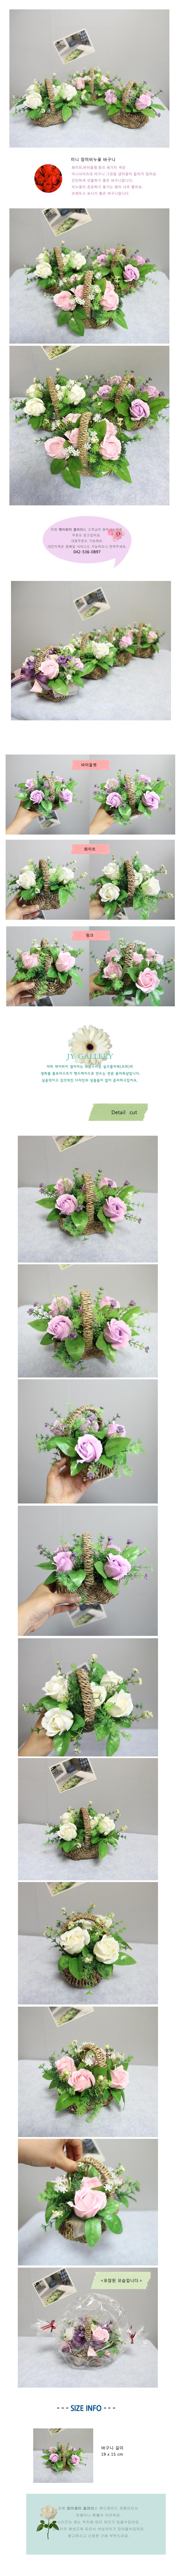 미니 장미 비누꽃바구니 - 제이와이갤러리, 11,000원, 조화, 비누꽃